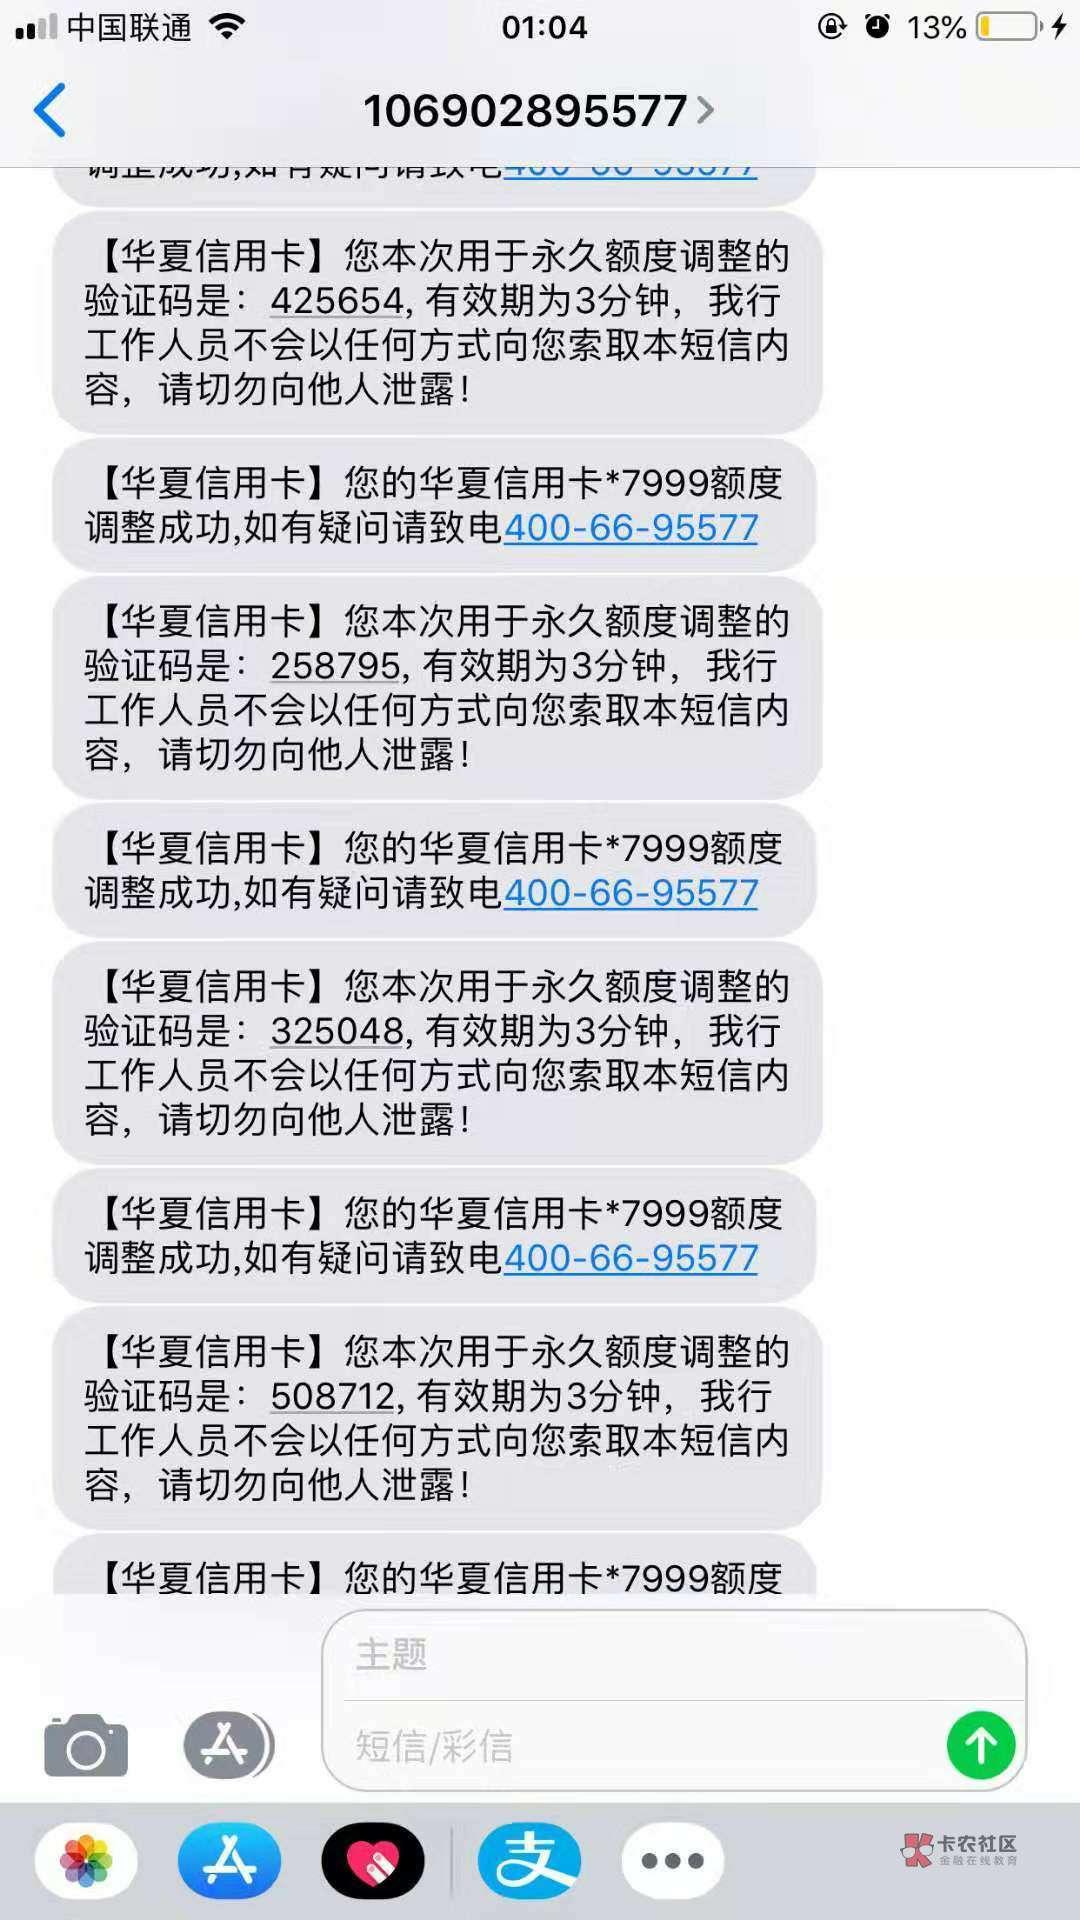 有华夏信用卡系统bug.有的老哥去试试。。。。   77 / 作者:dfdfhtssdvhb /